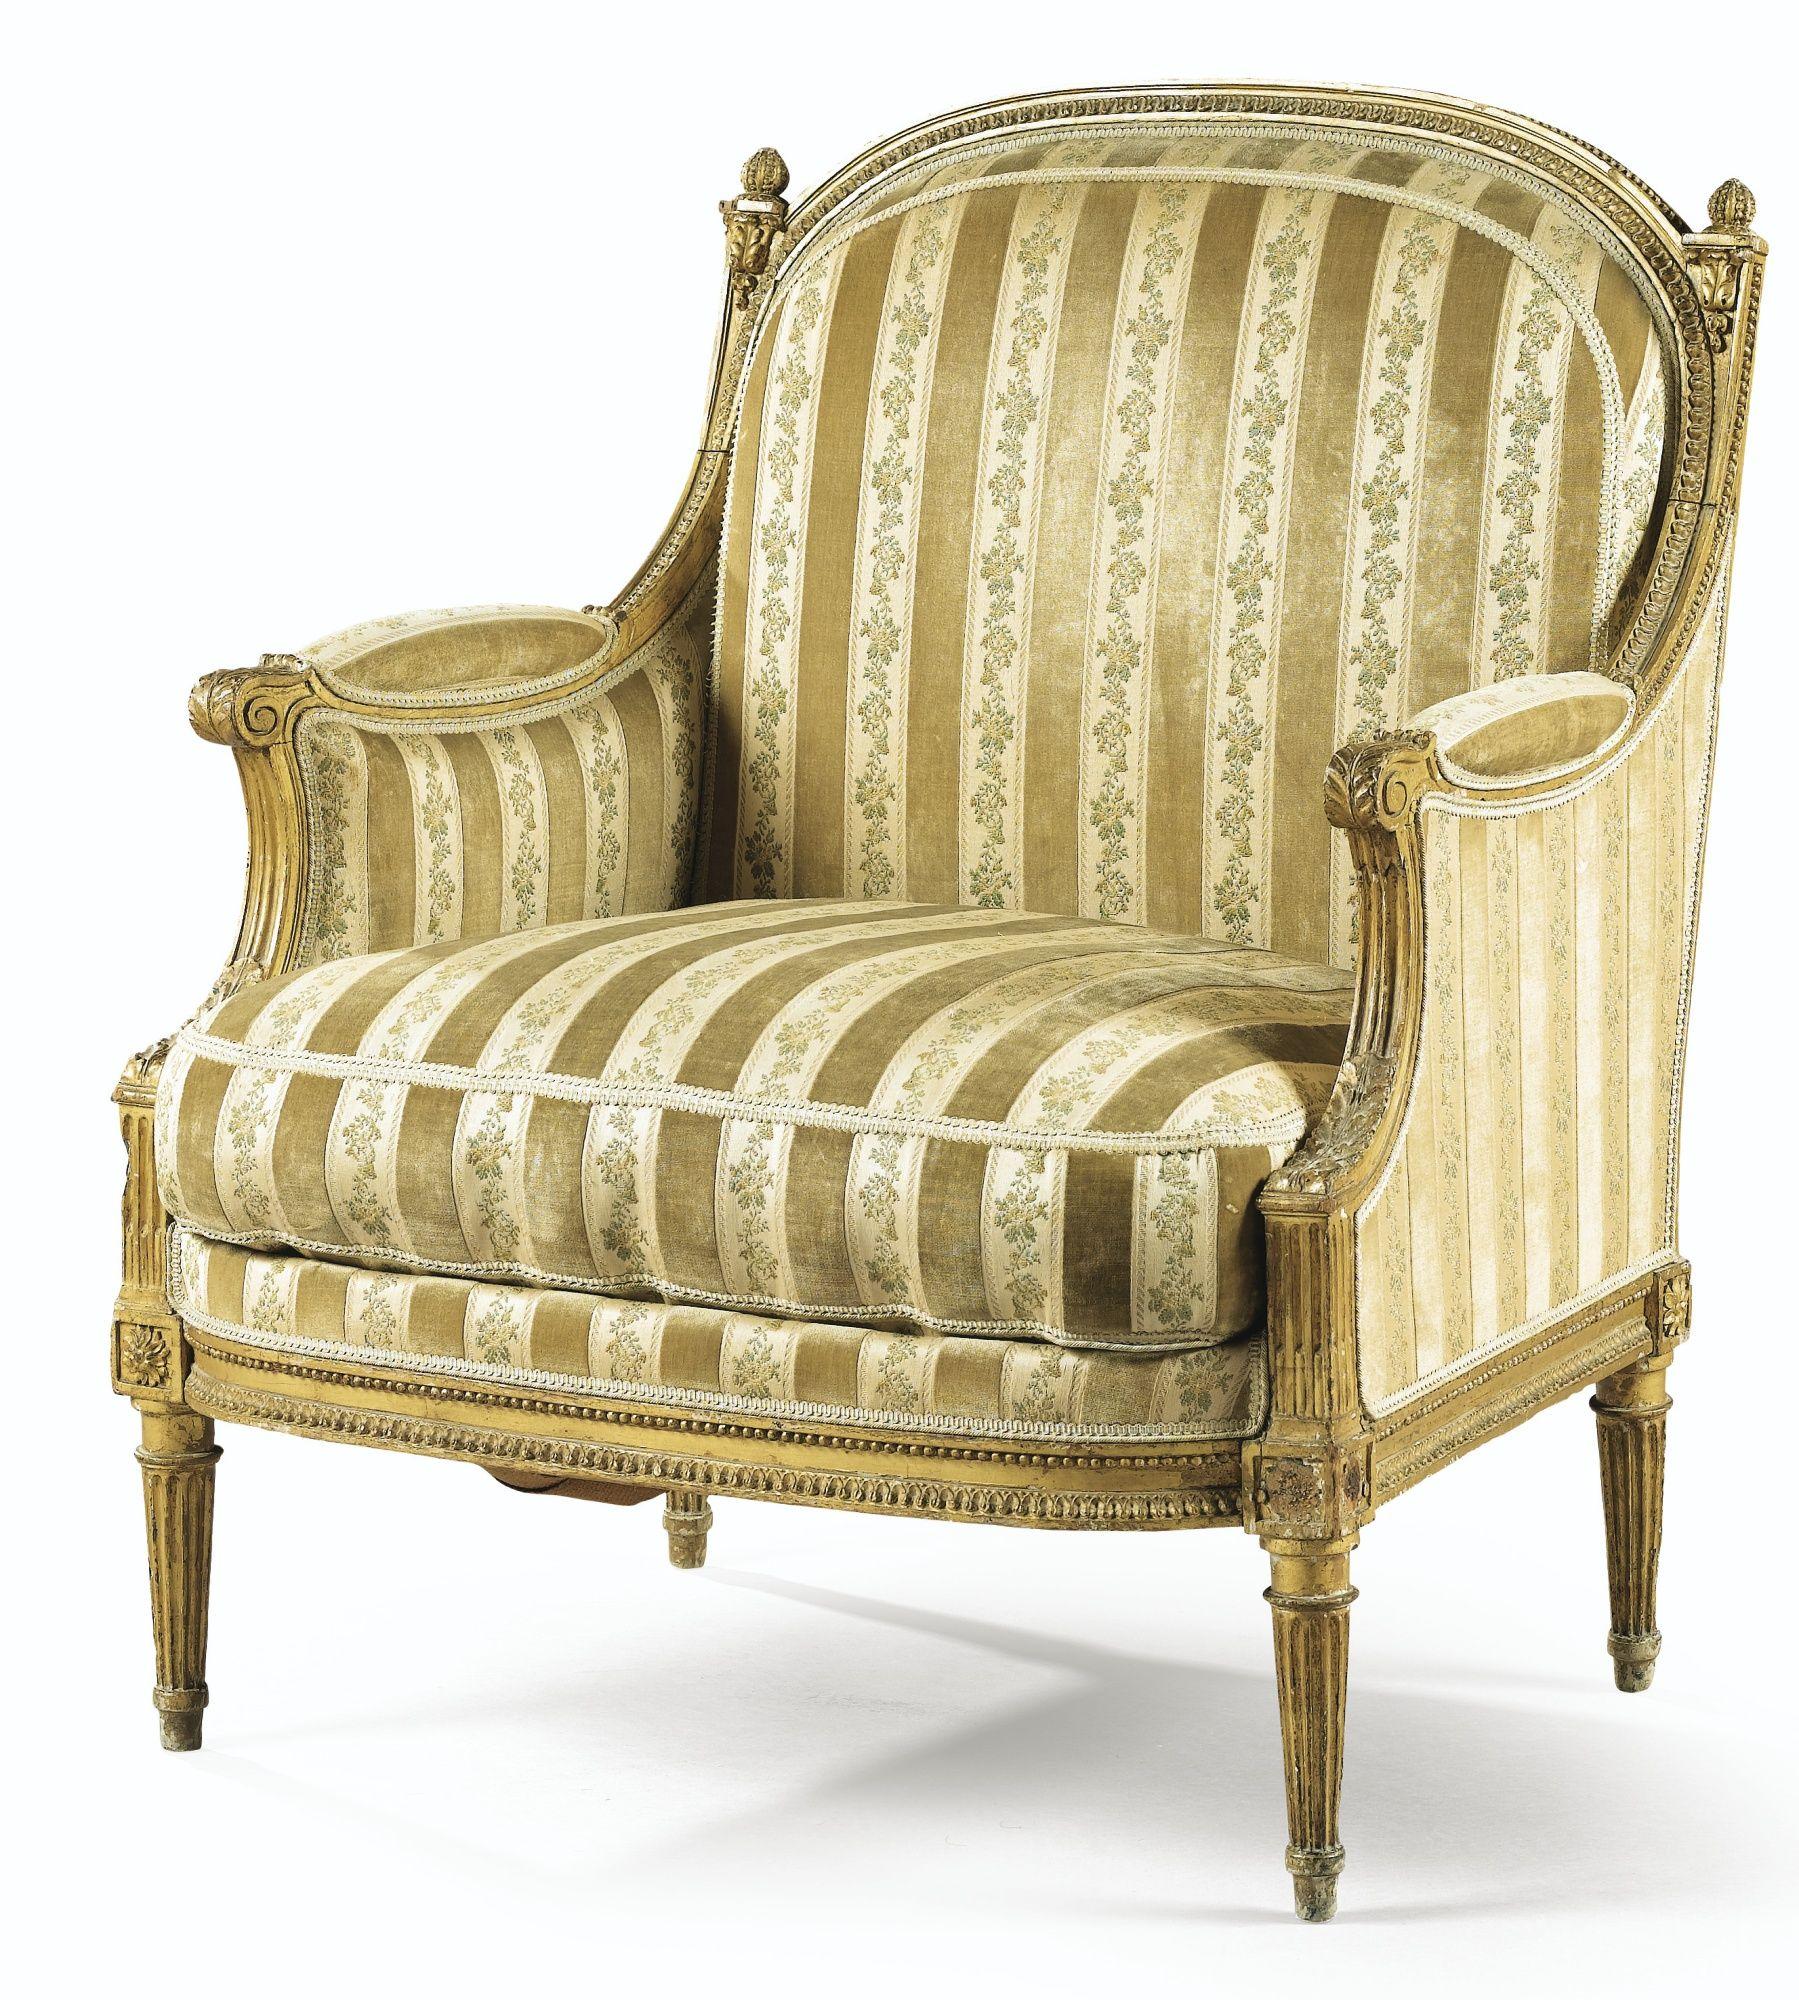 marquise dossier plat en bois sculpt et dor d 39 poque louis xvi estampill e h jacob lot. Black Bedroom Furniture Sets. Home Design Ideas